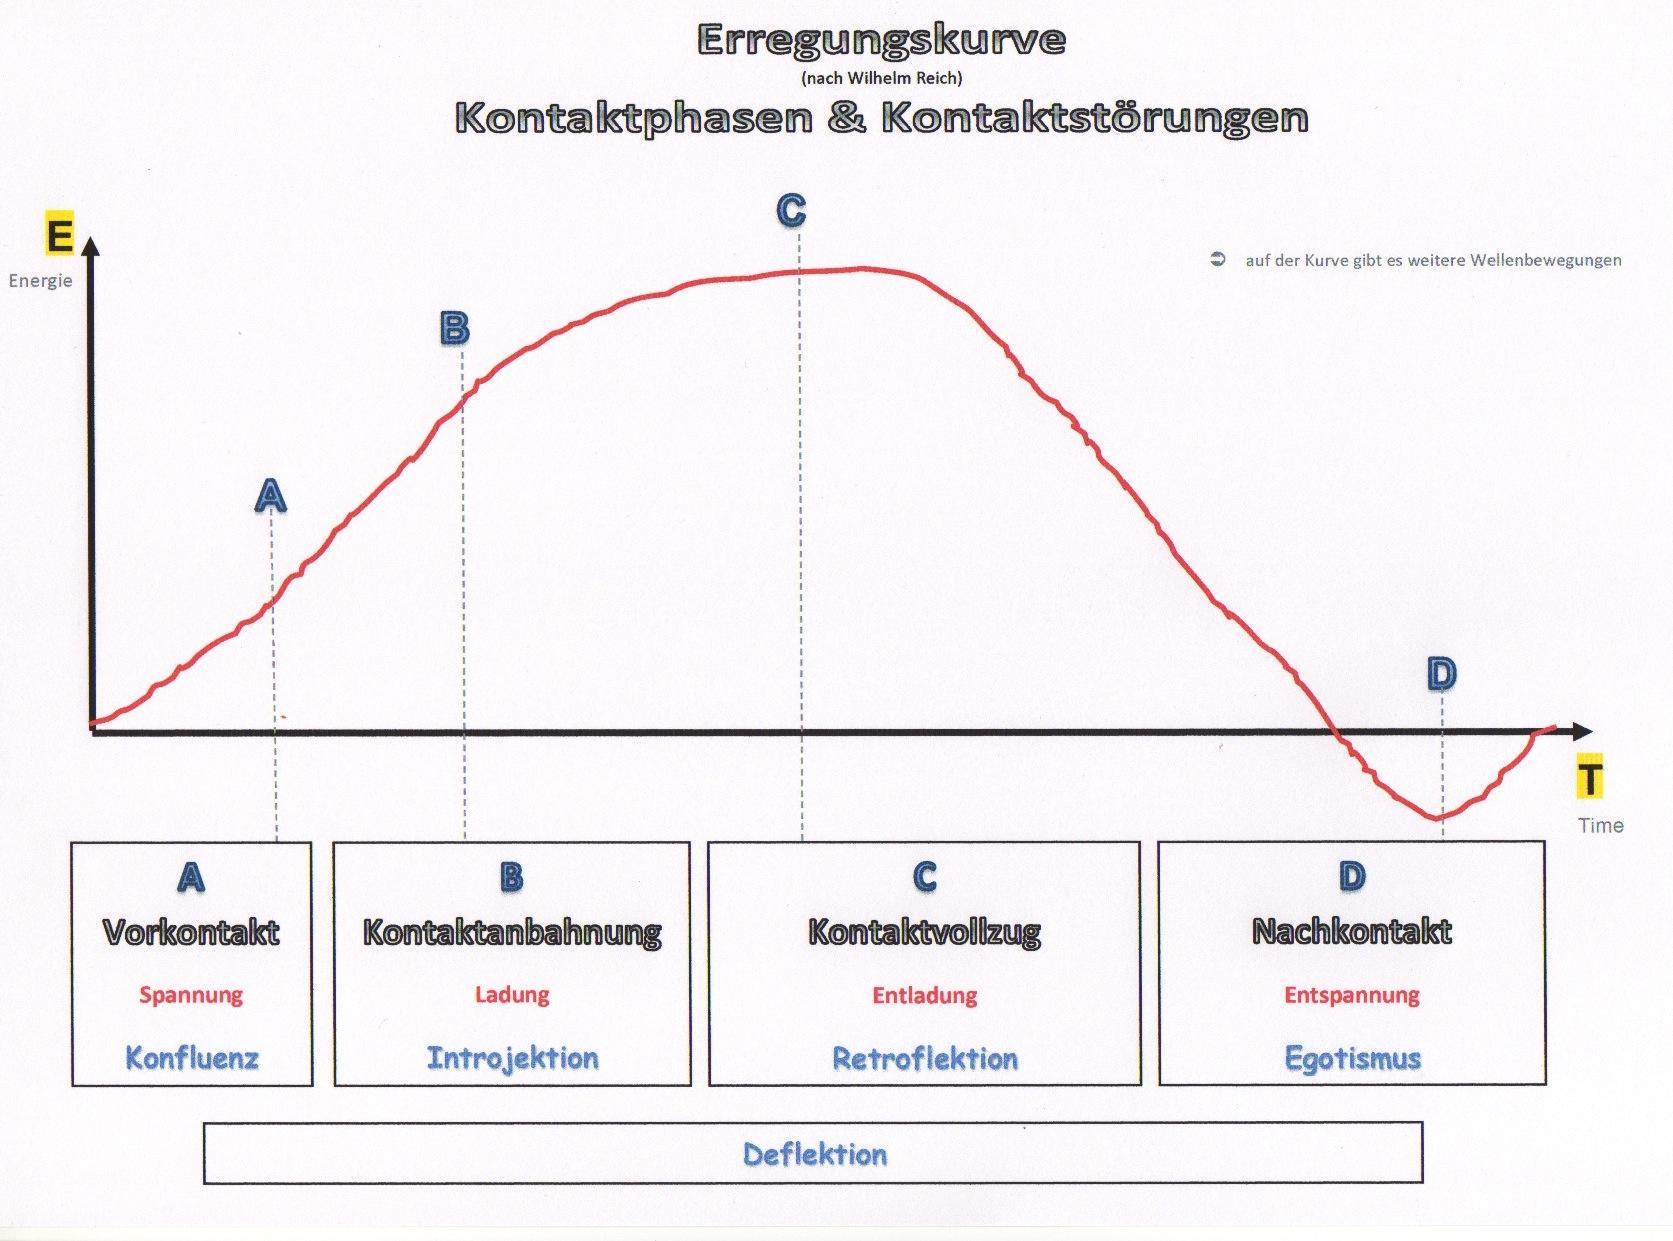 Erregungskurve nach W. Reich Kontaktphasen & Kontaktstörungen